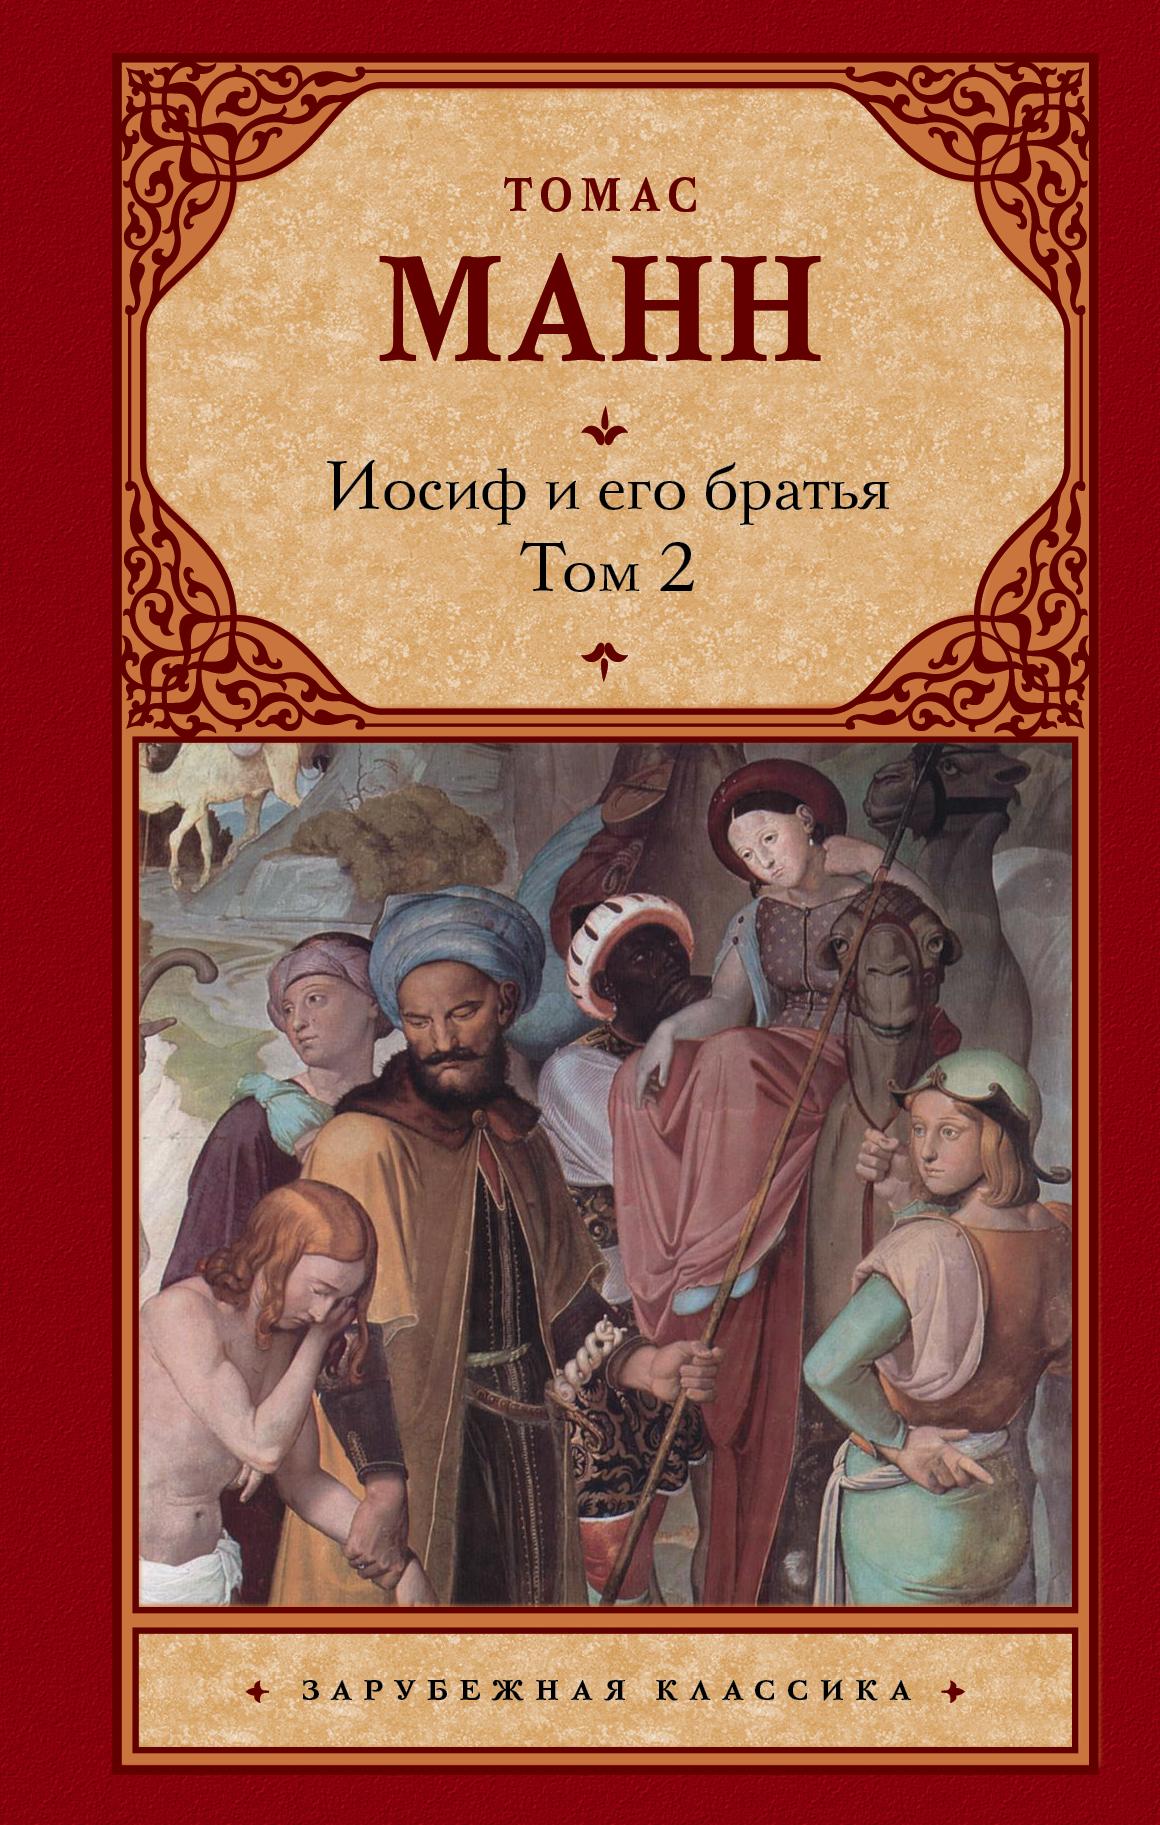 Томас Манн Иосиф и его братья. В 2 томах. Том 2 цена